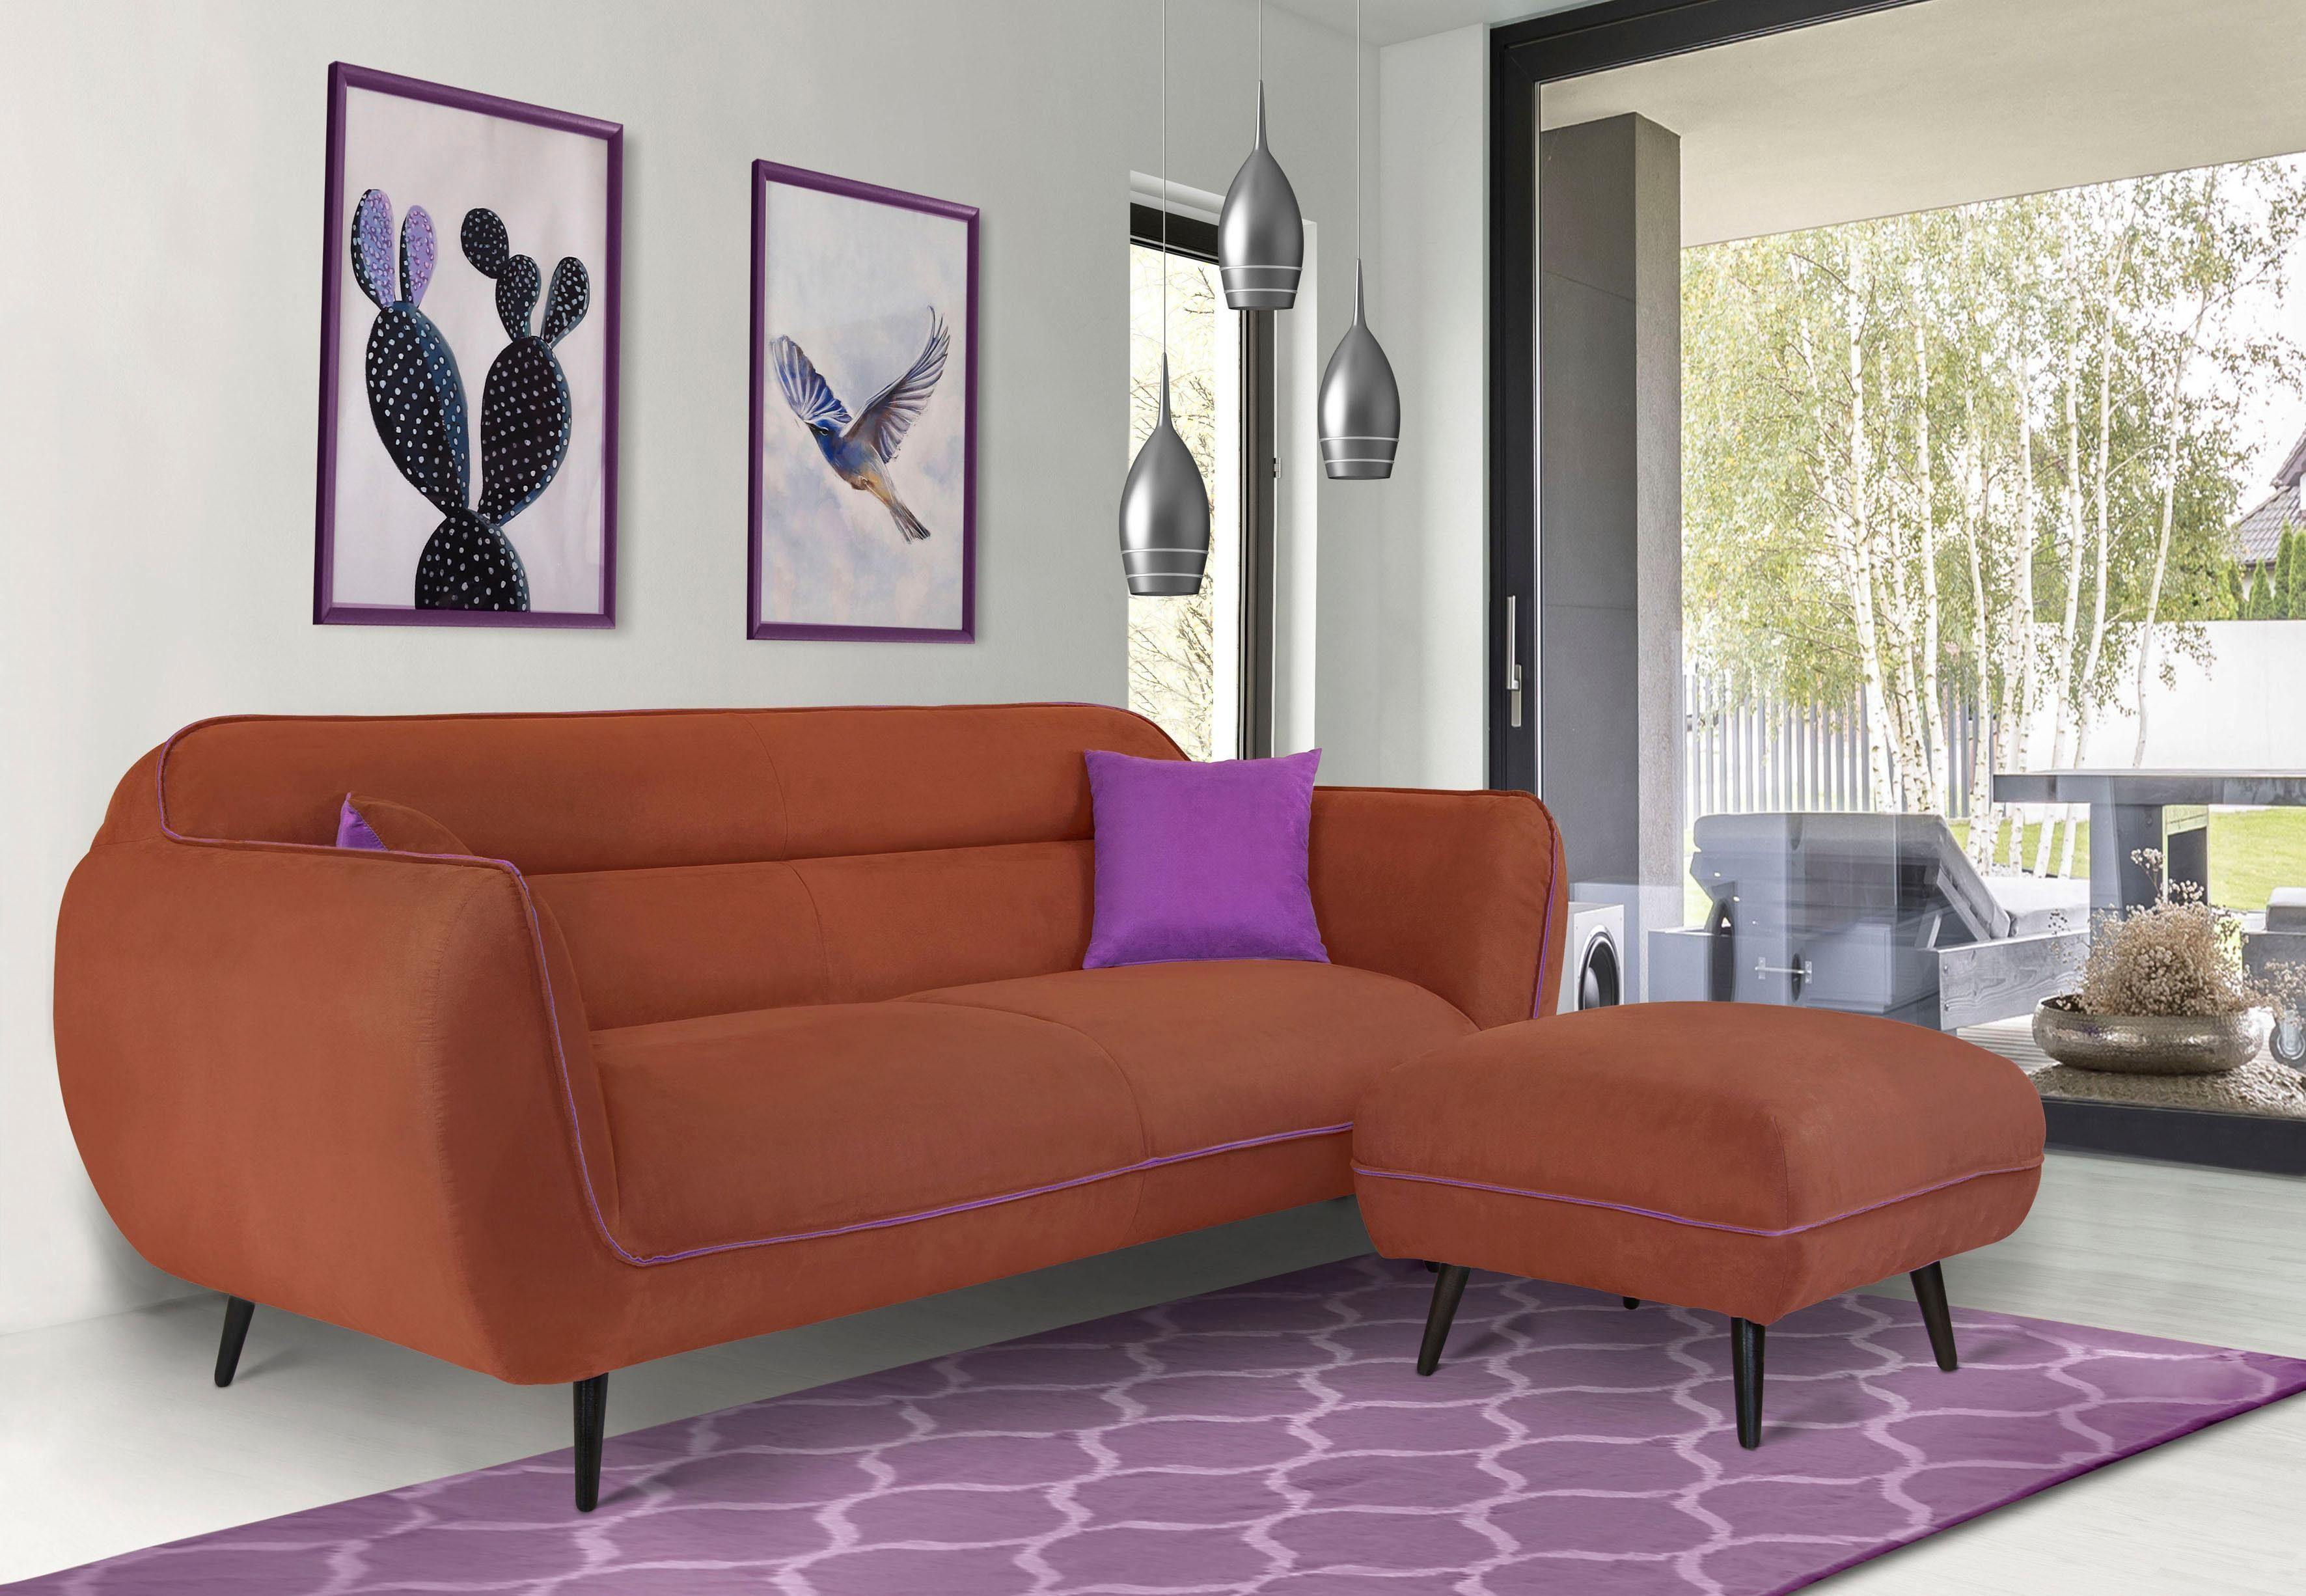 INOSIGN 3 Sitzer »Toscania«, Keder mit abgesetzter Farbe, modernes Design online kaufen | OTTO